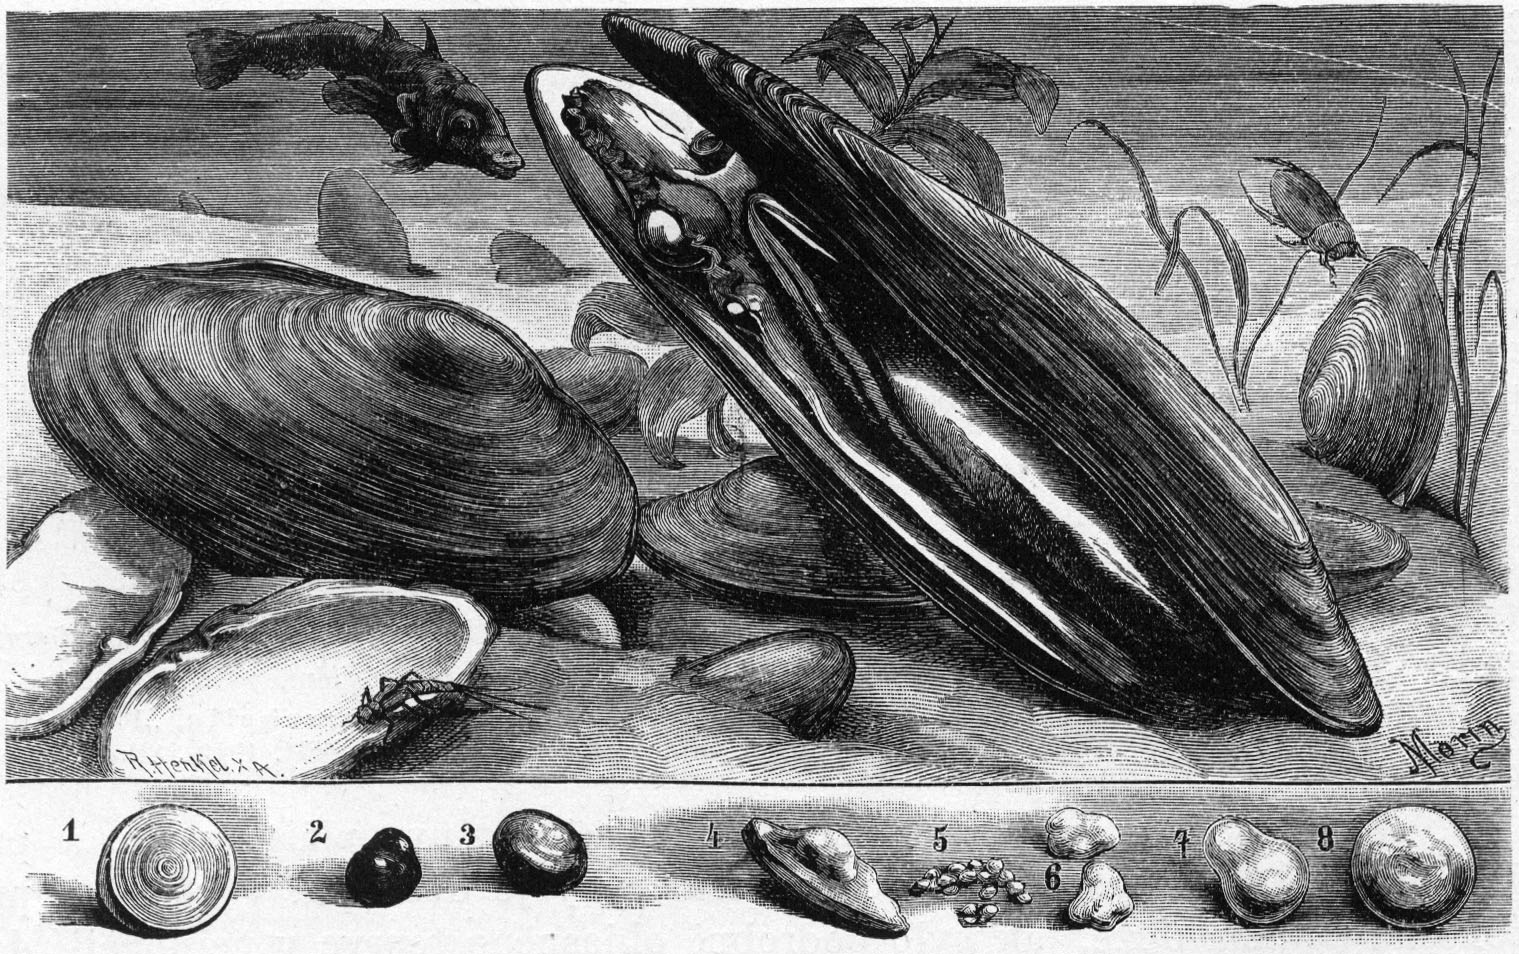 Abtauchen in benachbarte Gewässer nach Sachsen - gut geschmückt mit der vogtländischen Perle #perlenfischen